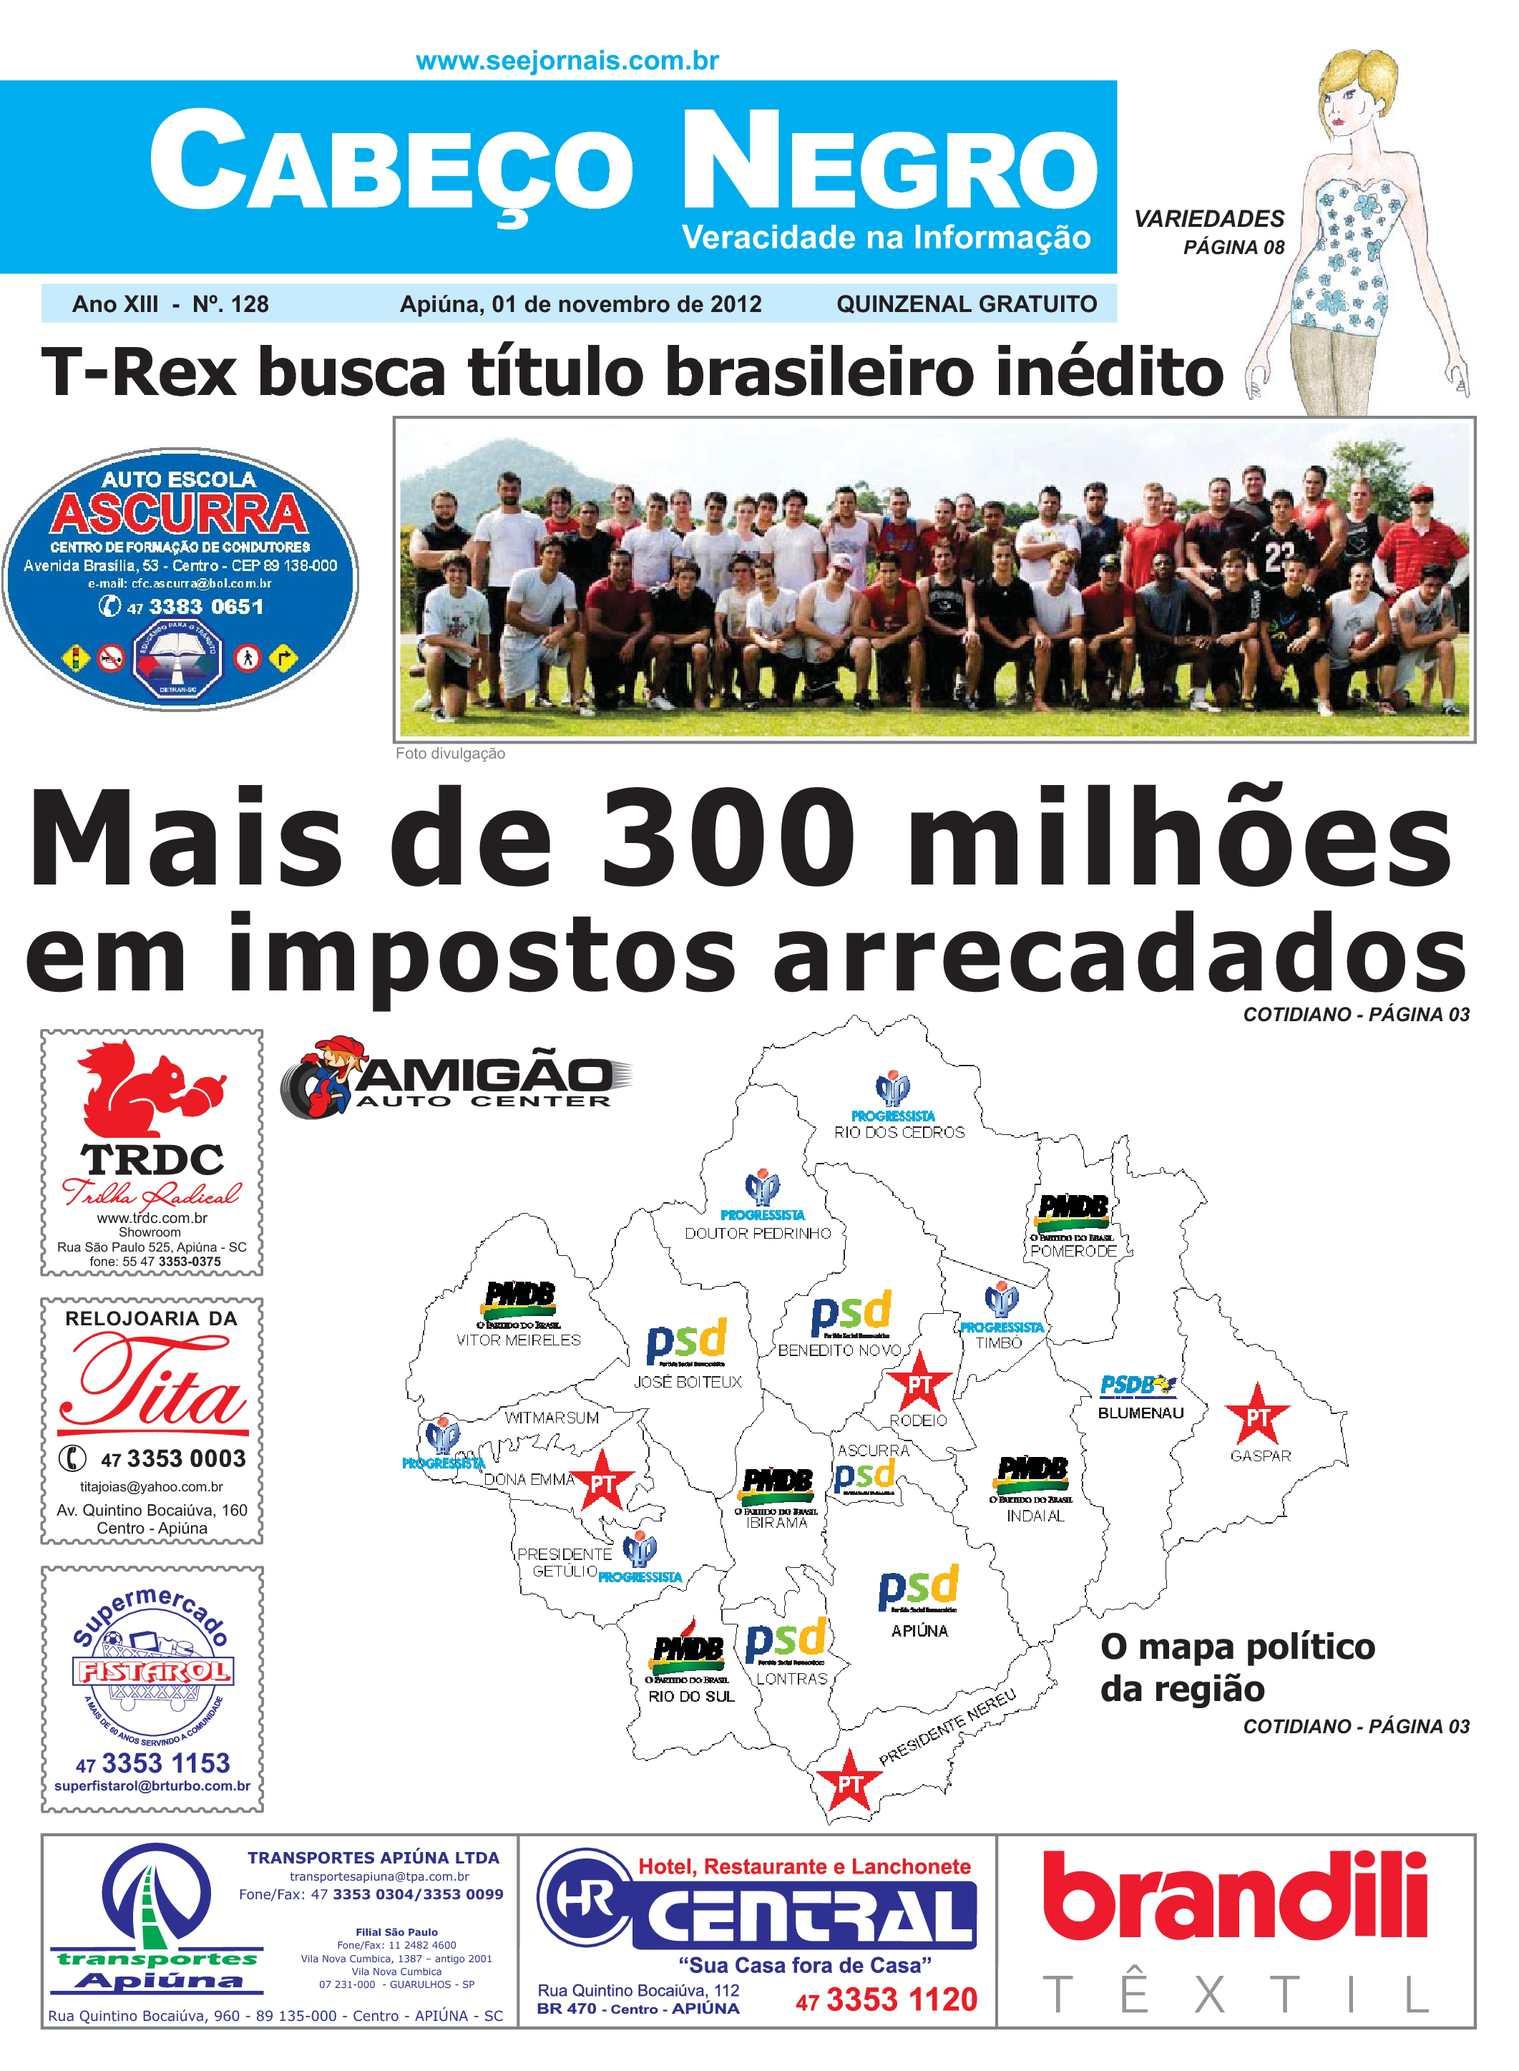 ef71a66465 Calaméo - Jornal Cabeço Negro - Edição 128